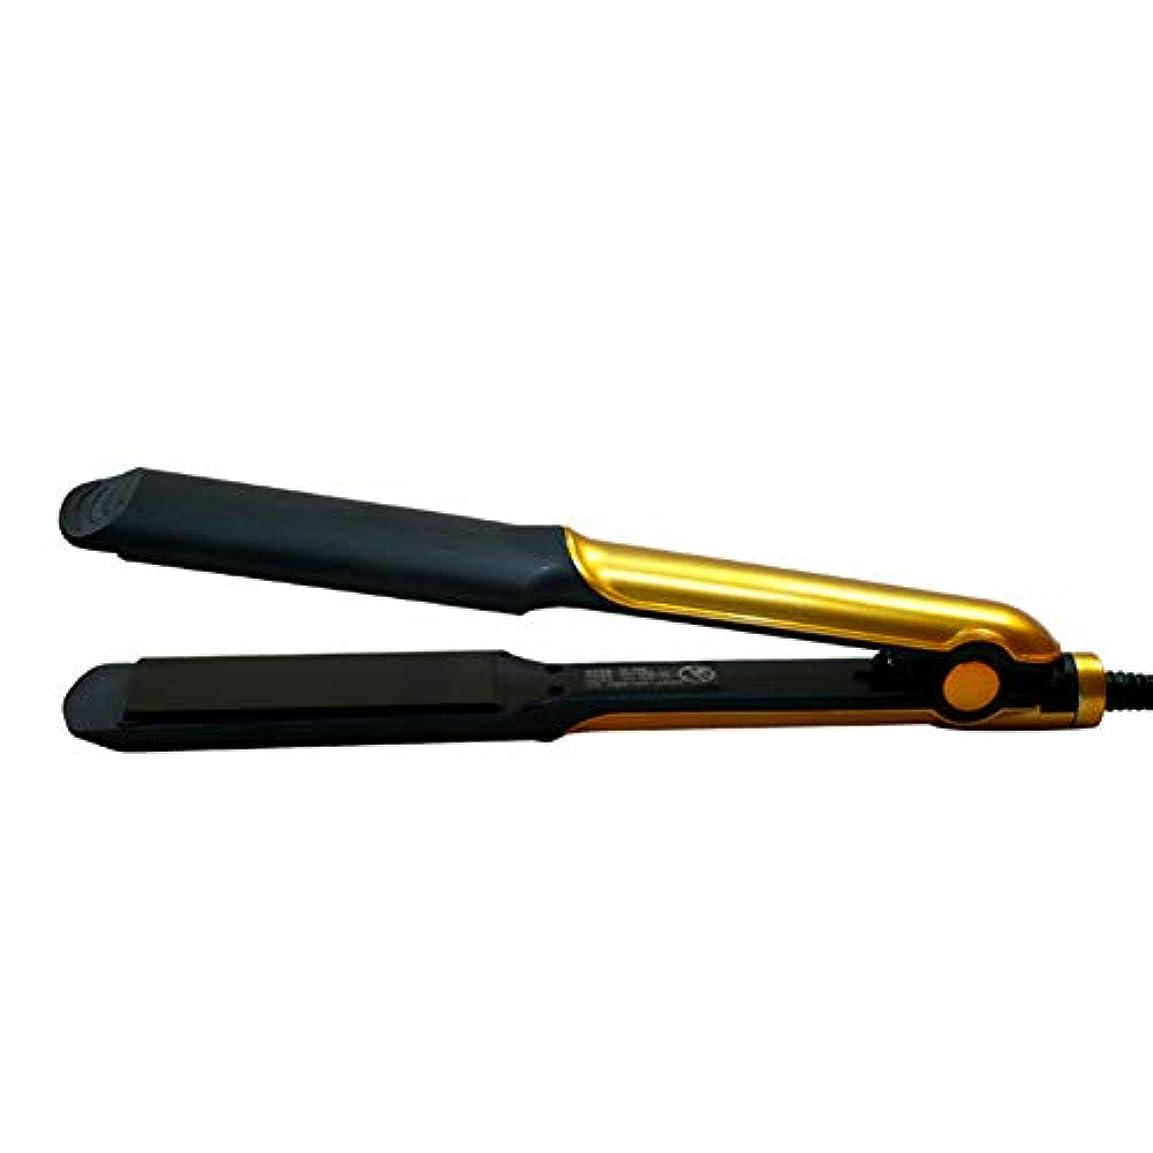 誓うにもかかわらず重要なマイナスイオンセラミックストレートヘアアイロン、30秒急速予熱、温度調節可能、やけ防止デザイン、あらゆる髪型に適しています